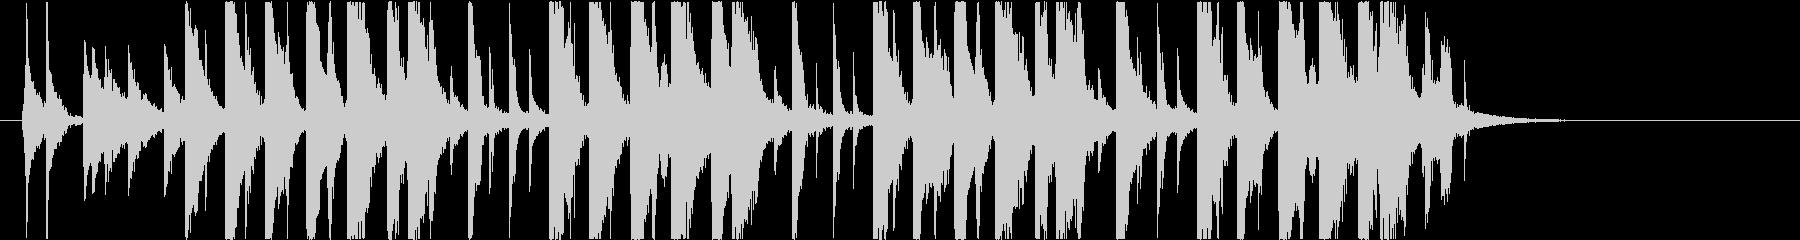 【南国効果音】ビーチサンダルの未再生の波形